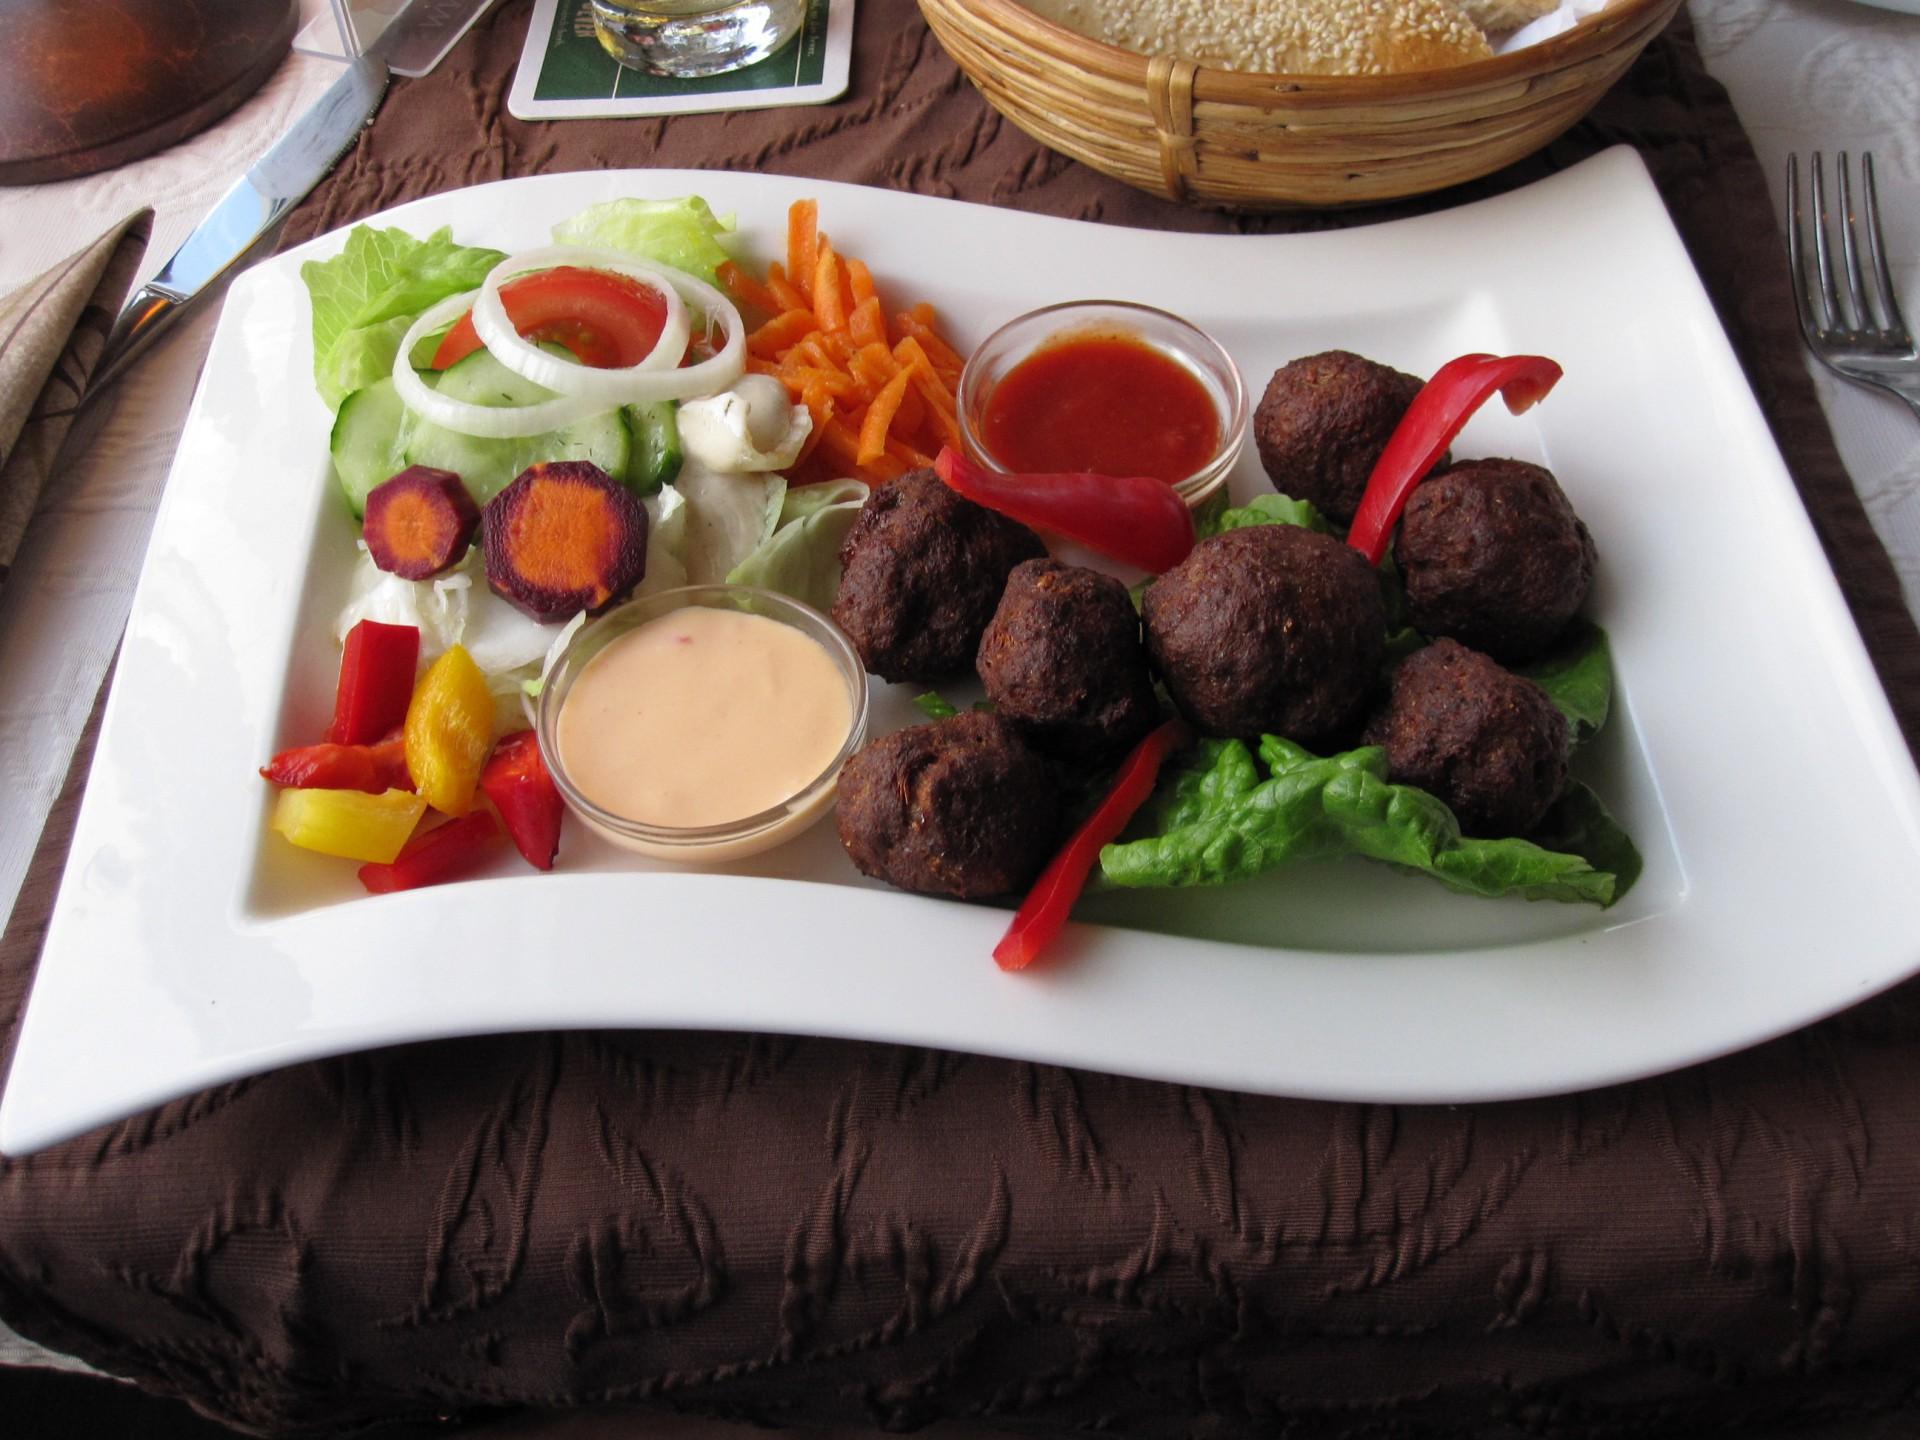 afrikanisches Essen